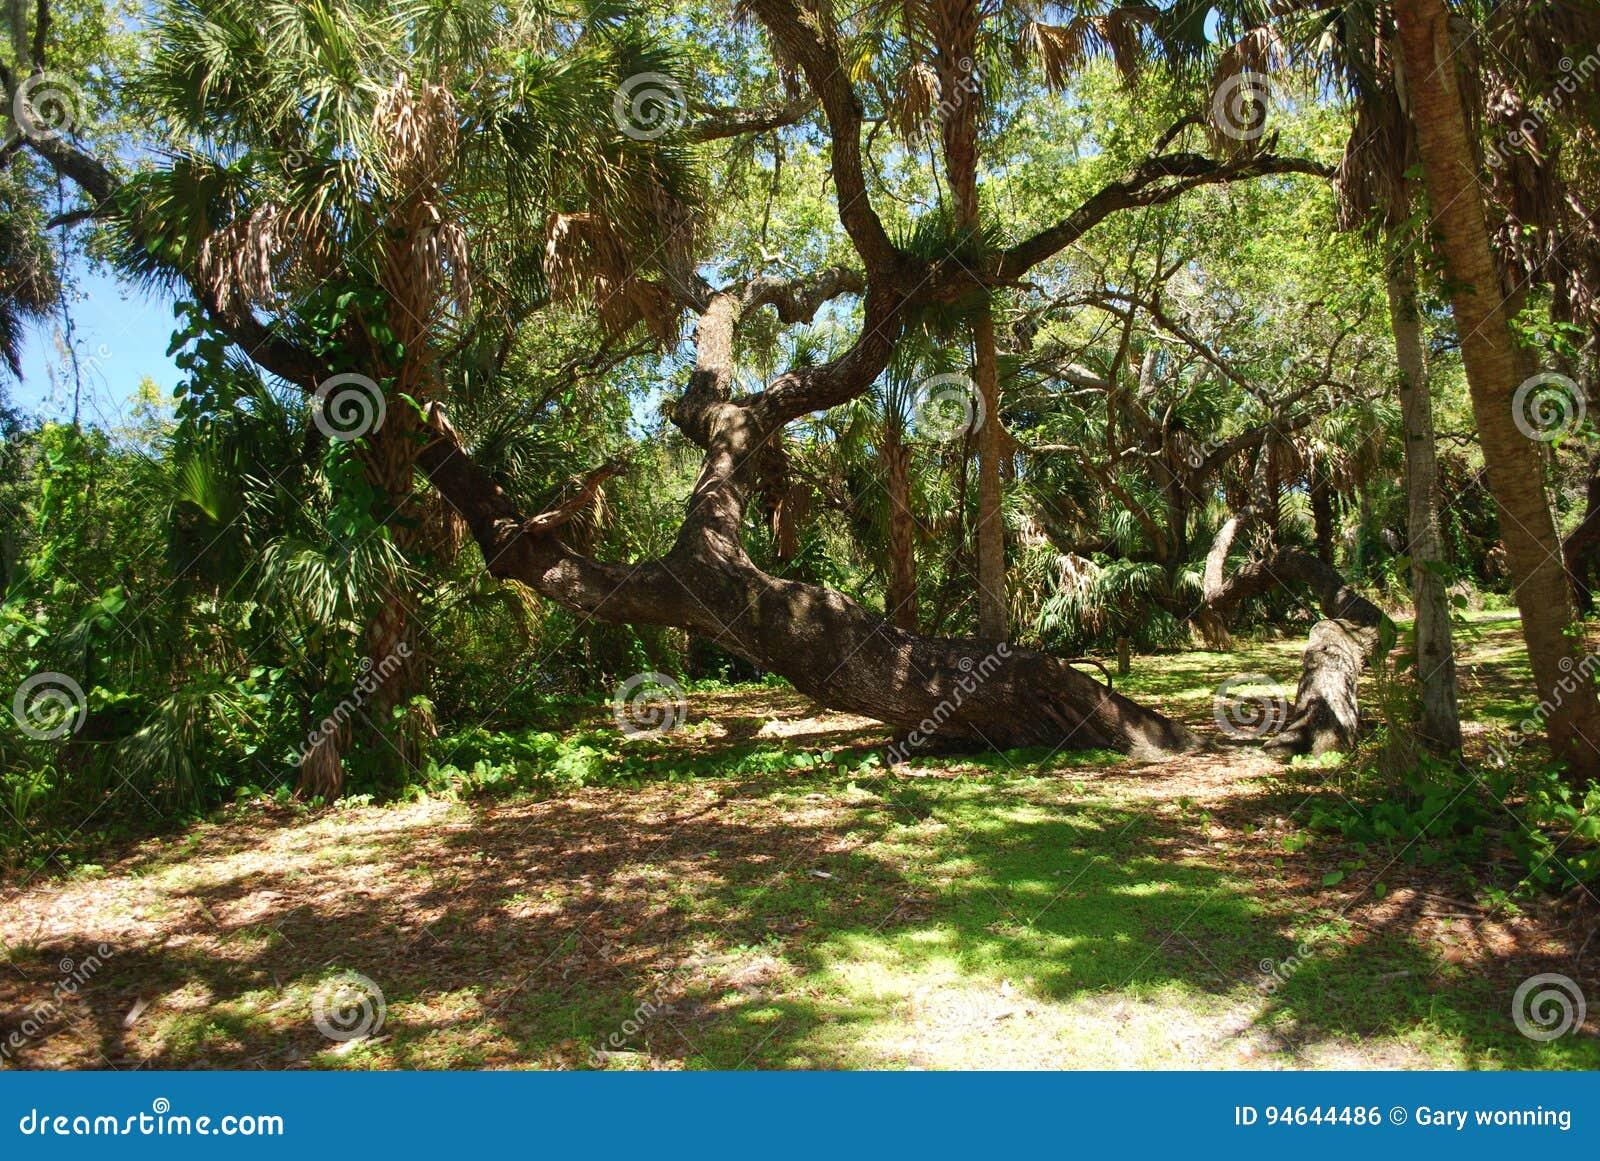 l'eau de Sarasota branchement qui est Emily Maynard datant 2013